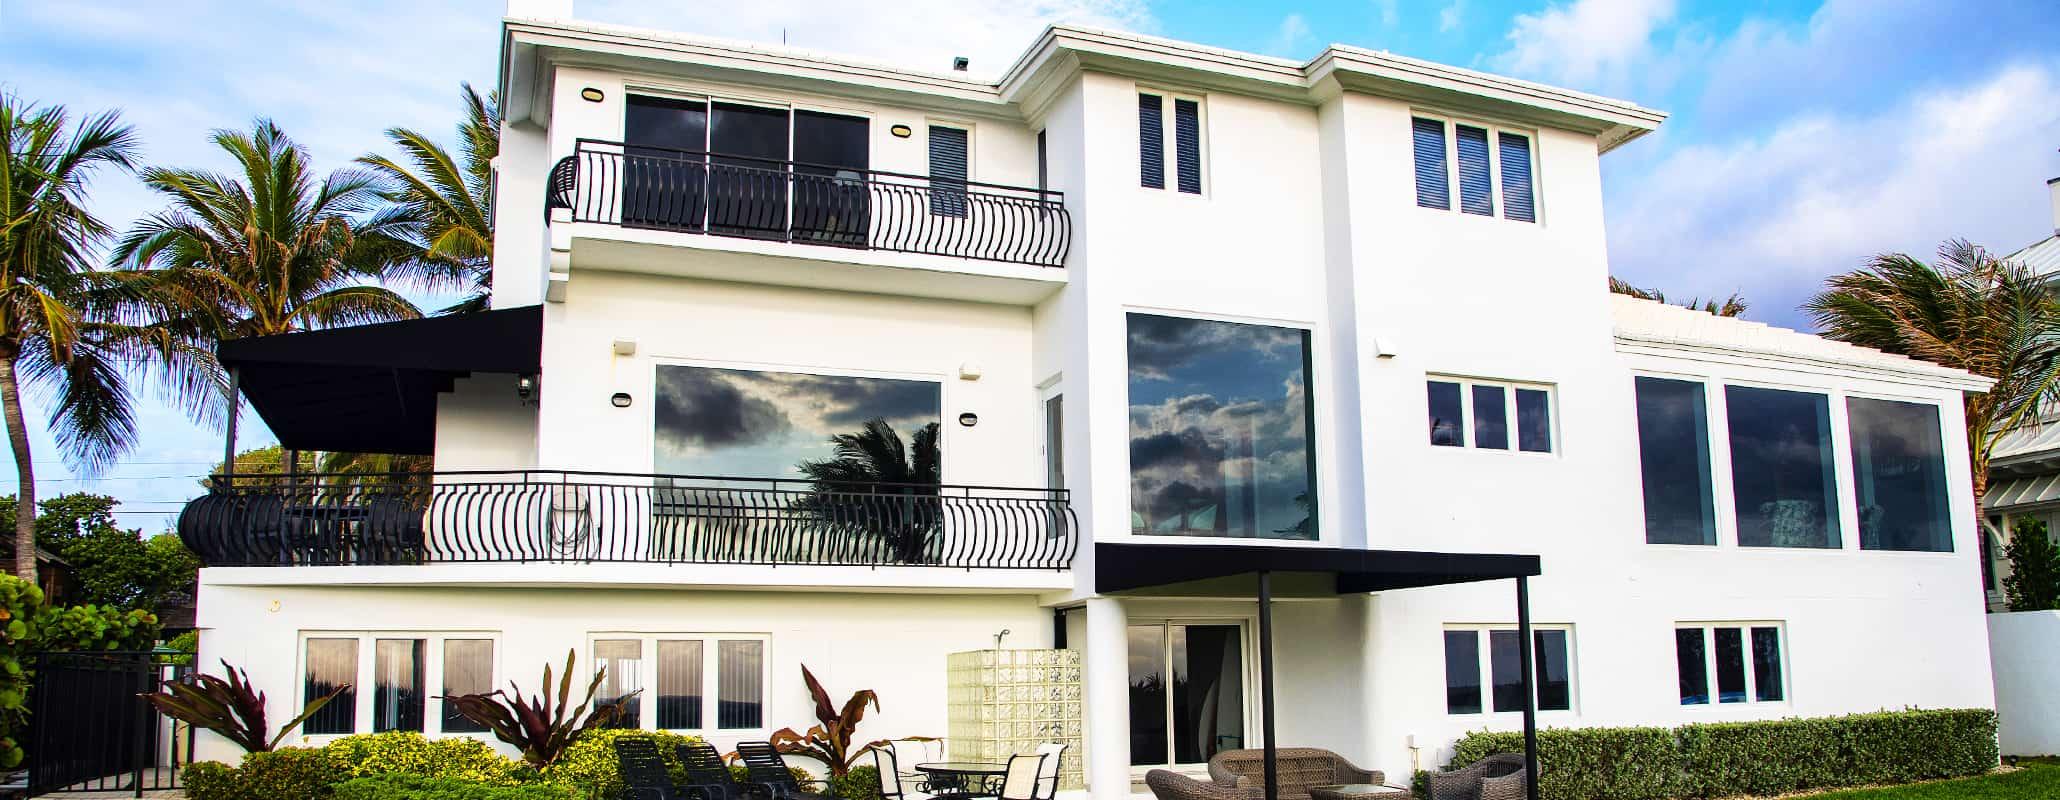 俯瞰昂贵住宅的地面景观,由Aldora设计的前置系统玻璃窗,冲击玻璃,带有阳台的滑动玻璃门,修剪整齐的草坪,棕榈树